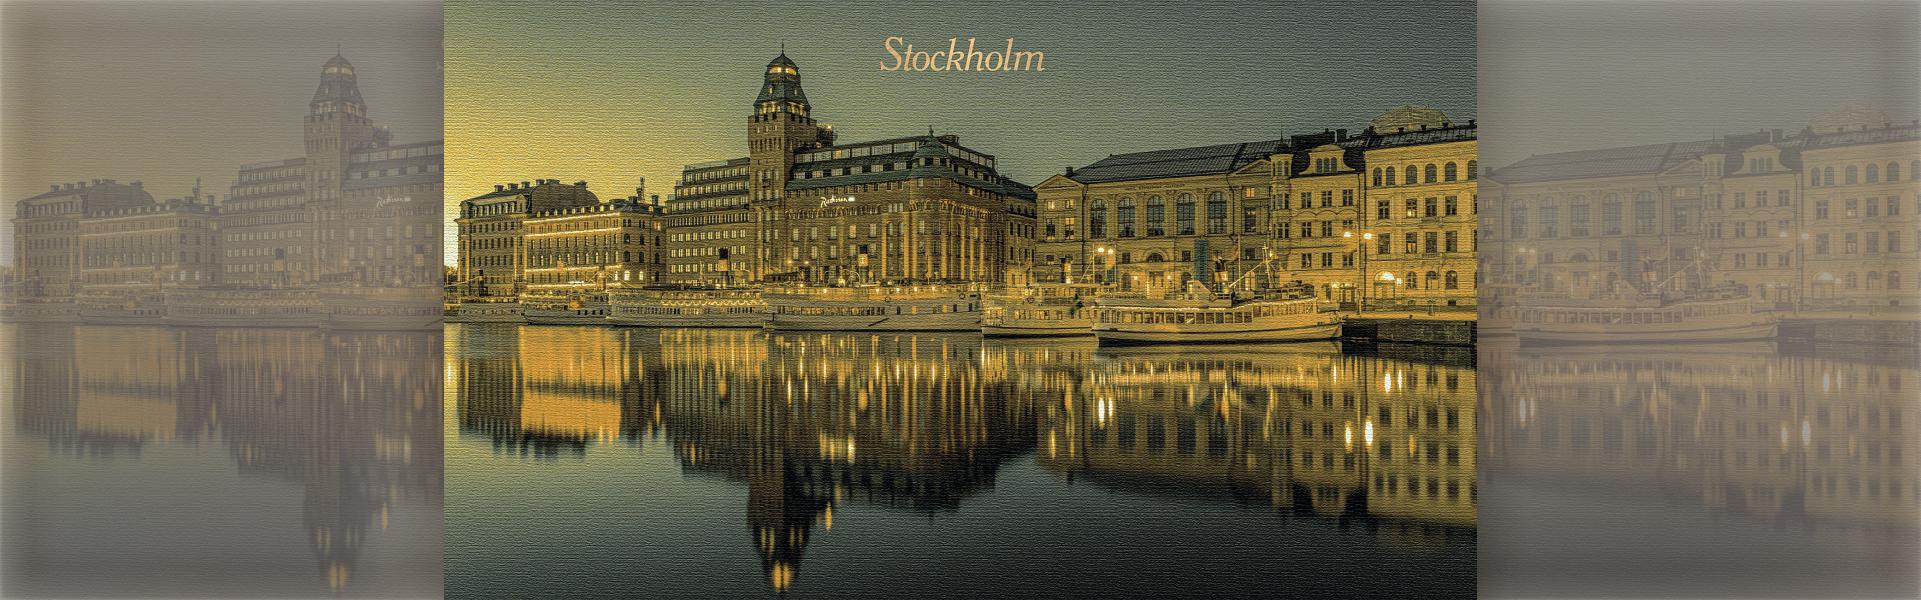 Stockholm_Sweden редакция 1